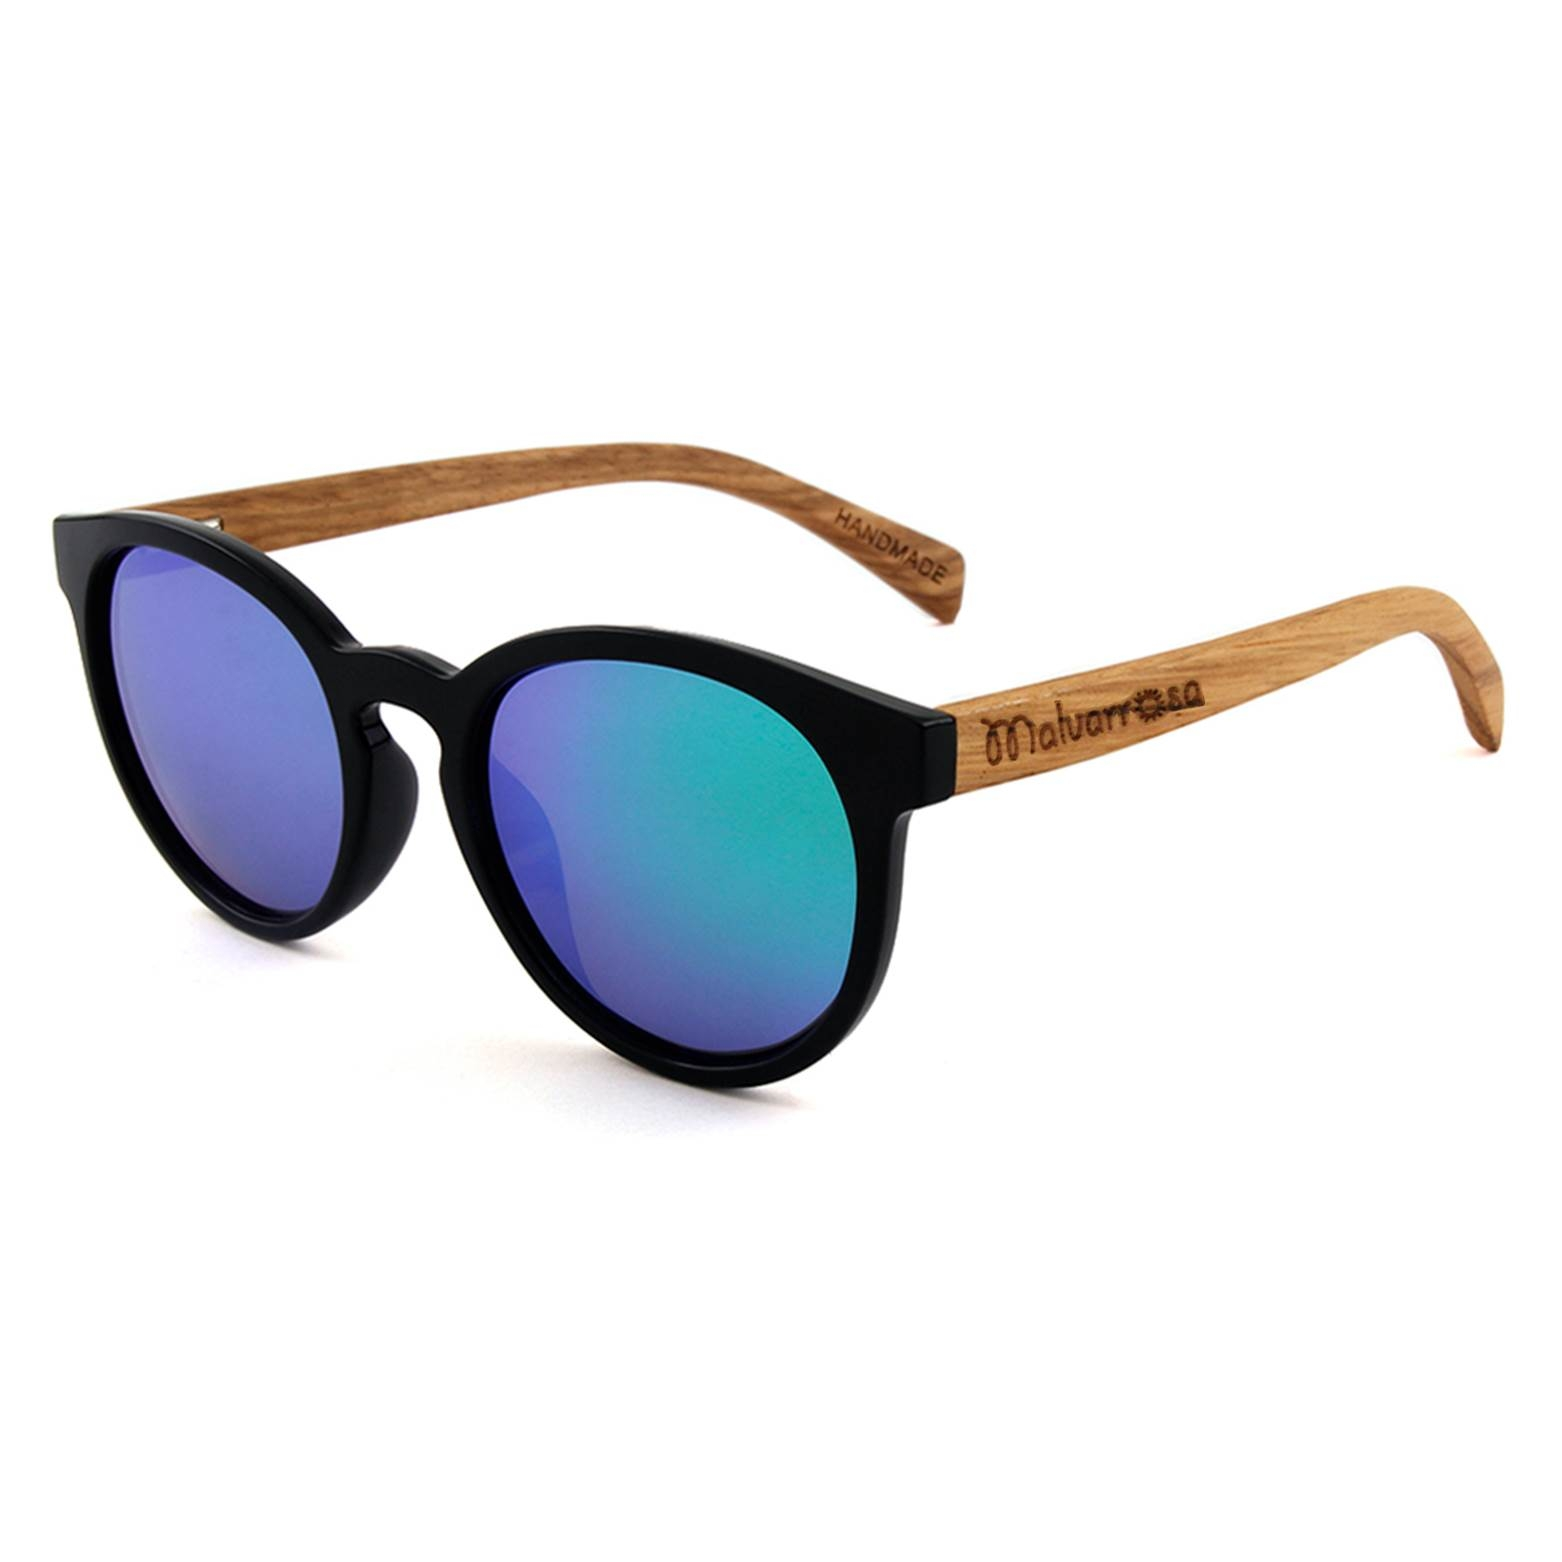 031ebb4594 😎 Comprar Gafas de sol polarizadas Malvarrosa Altea Black ...